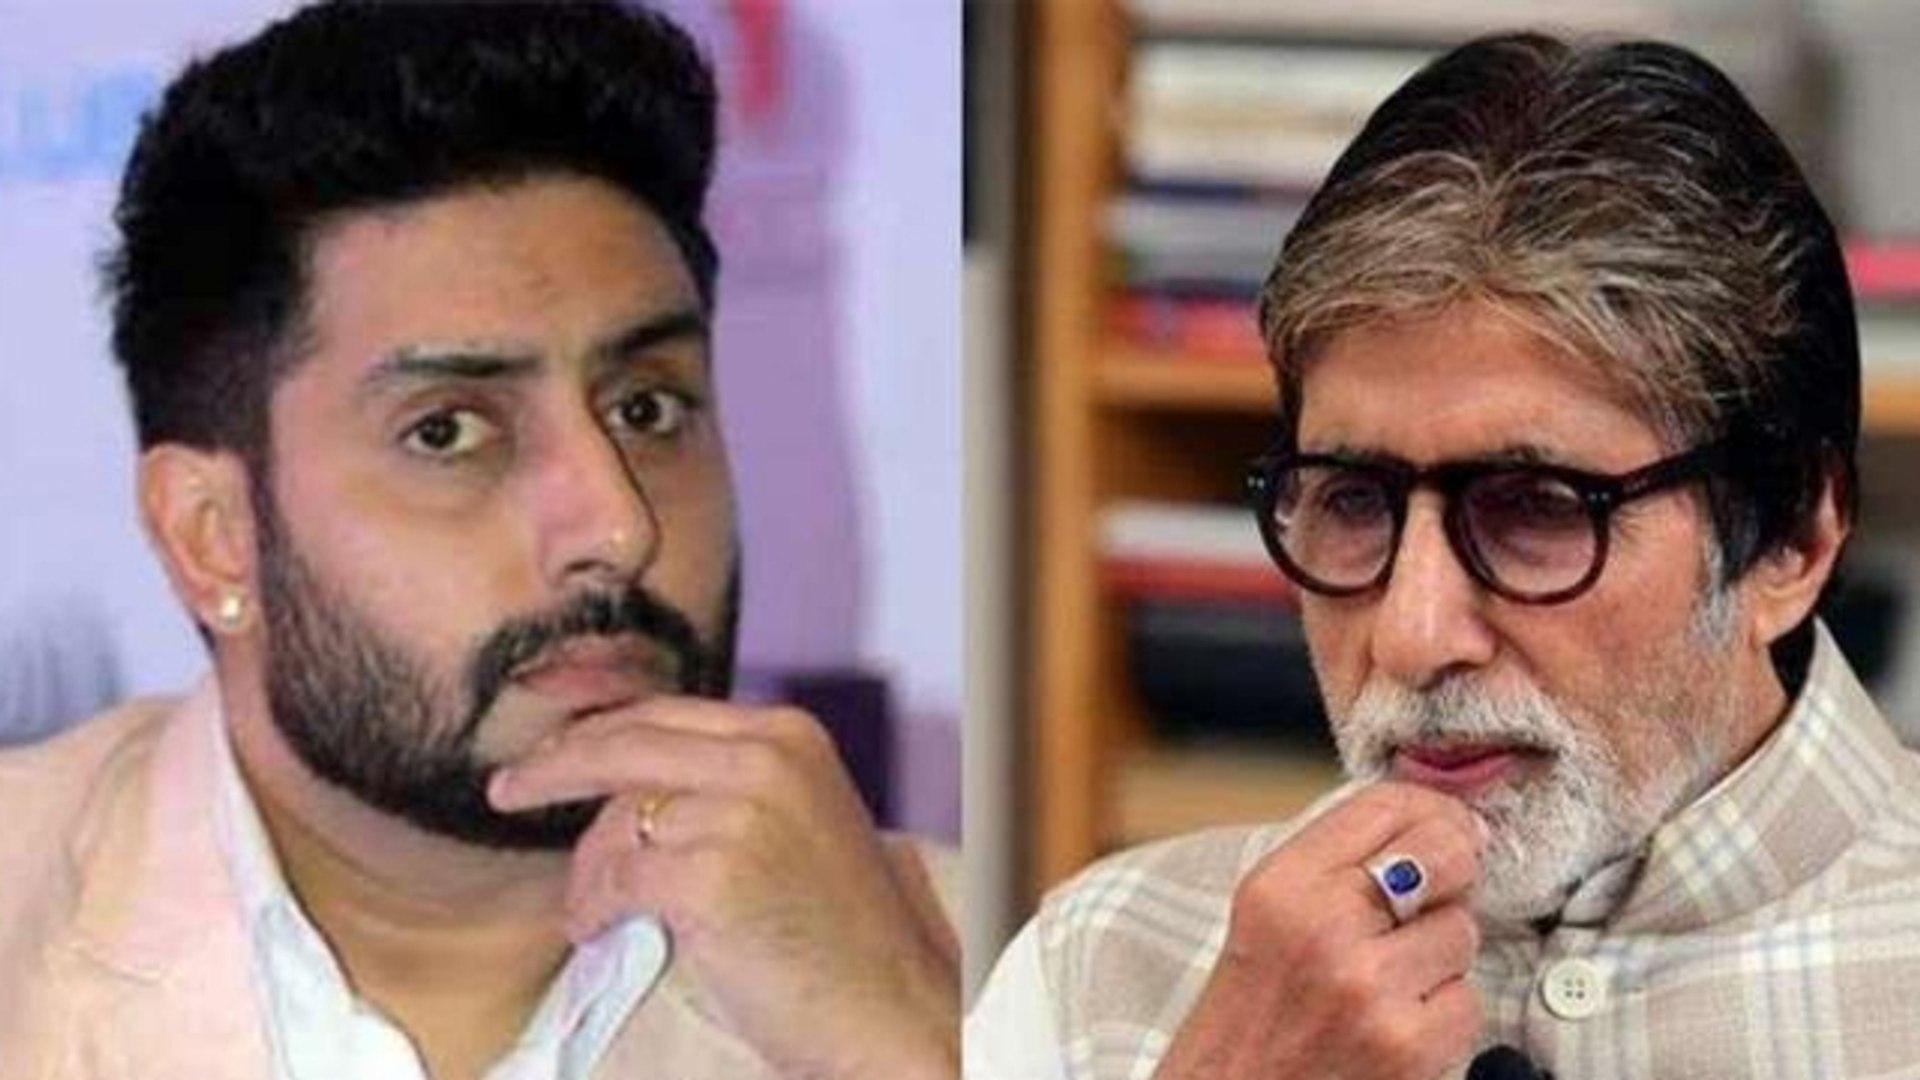 Abhishek Bachchan And Amitabh Bachchan Test #Covid19 Positive